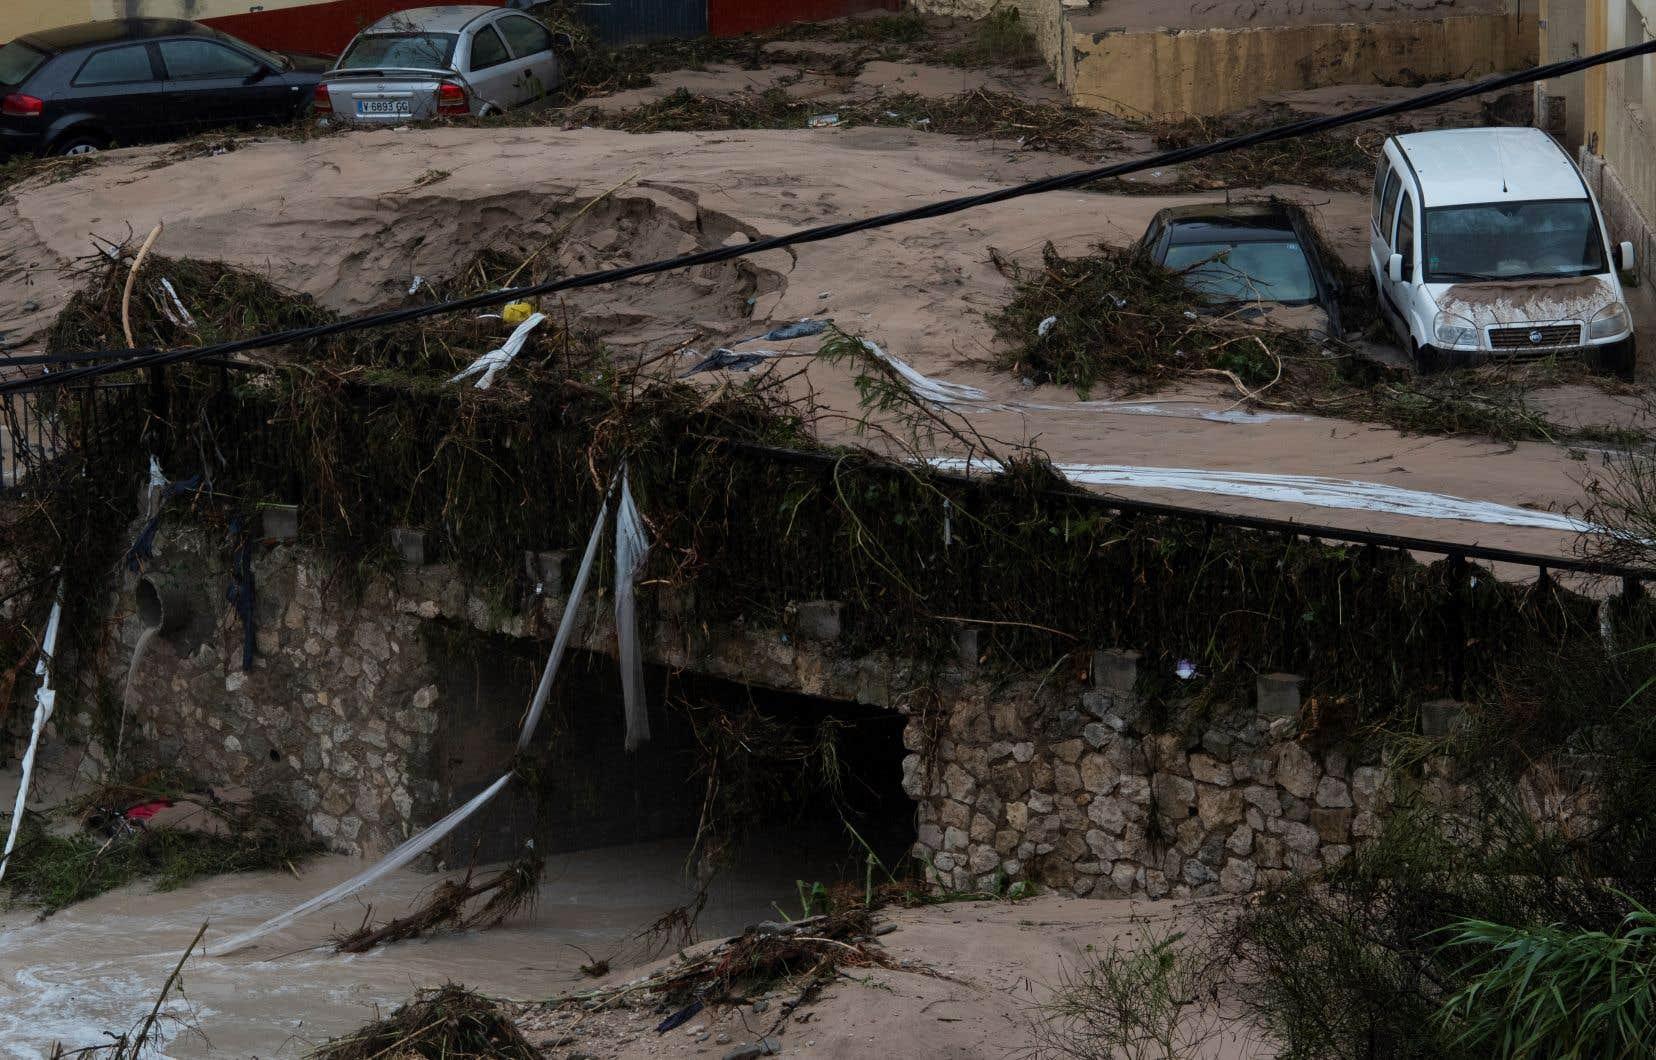 L'association valencienne de météorologie a diffusé des images montrant des murs effondrés dans la ville d'Ontinyent, où la rivière Clariano a débordé.